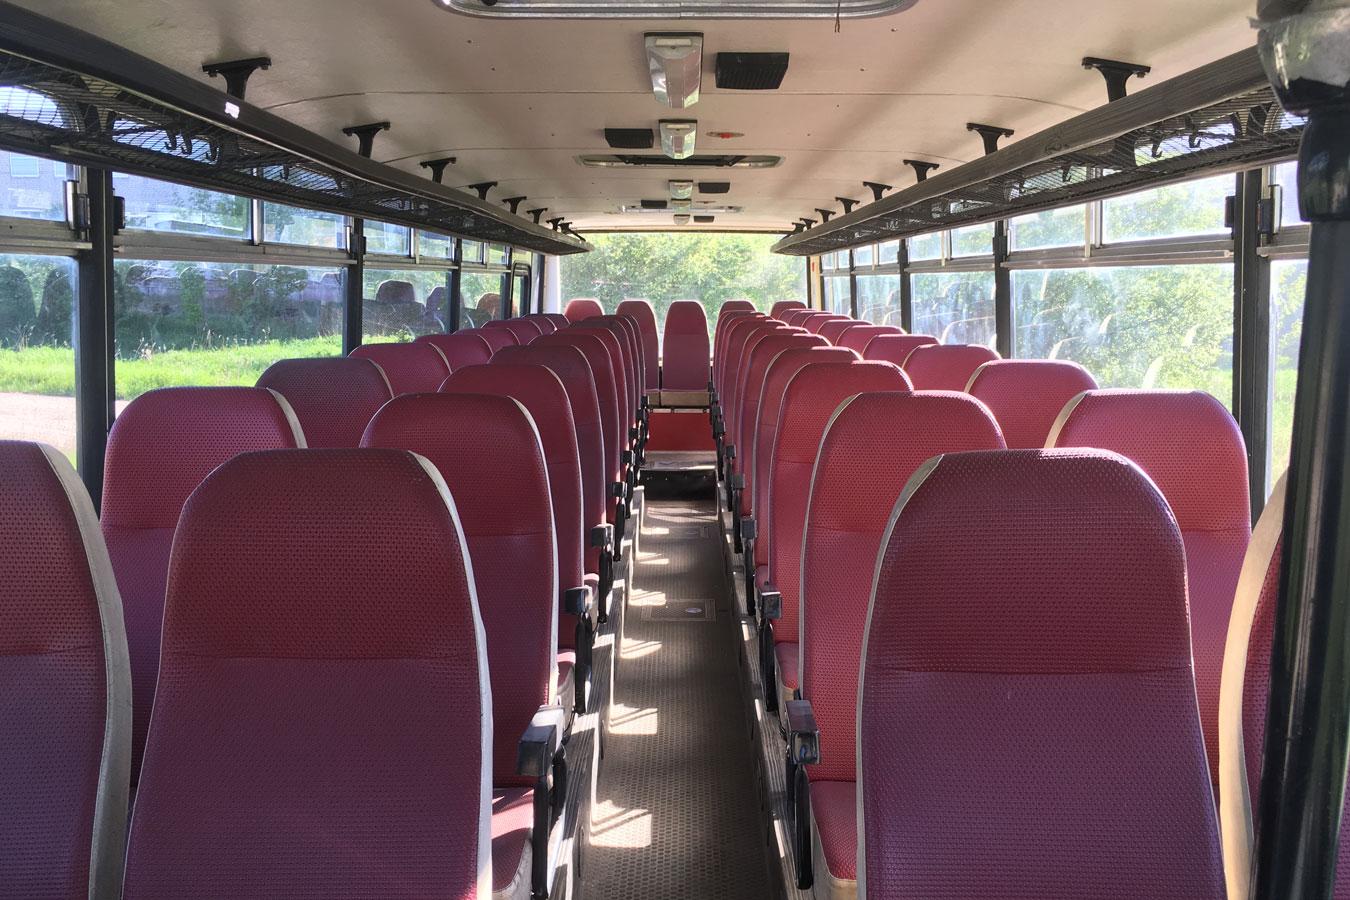 1986 m. Ikarus 256 - senovinis autobusas